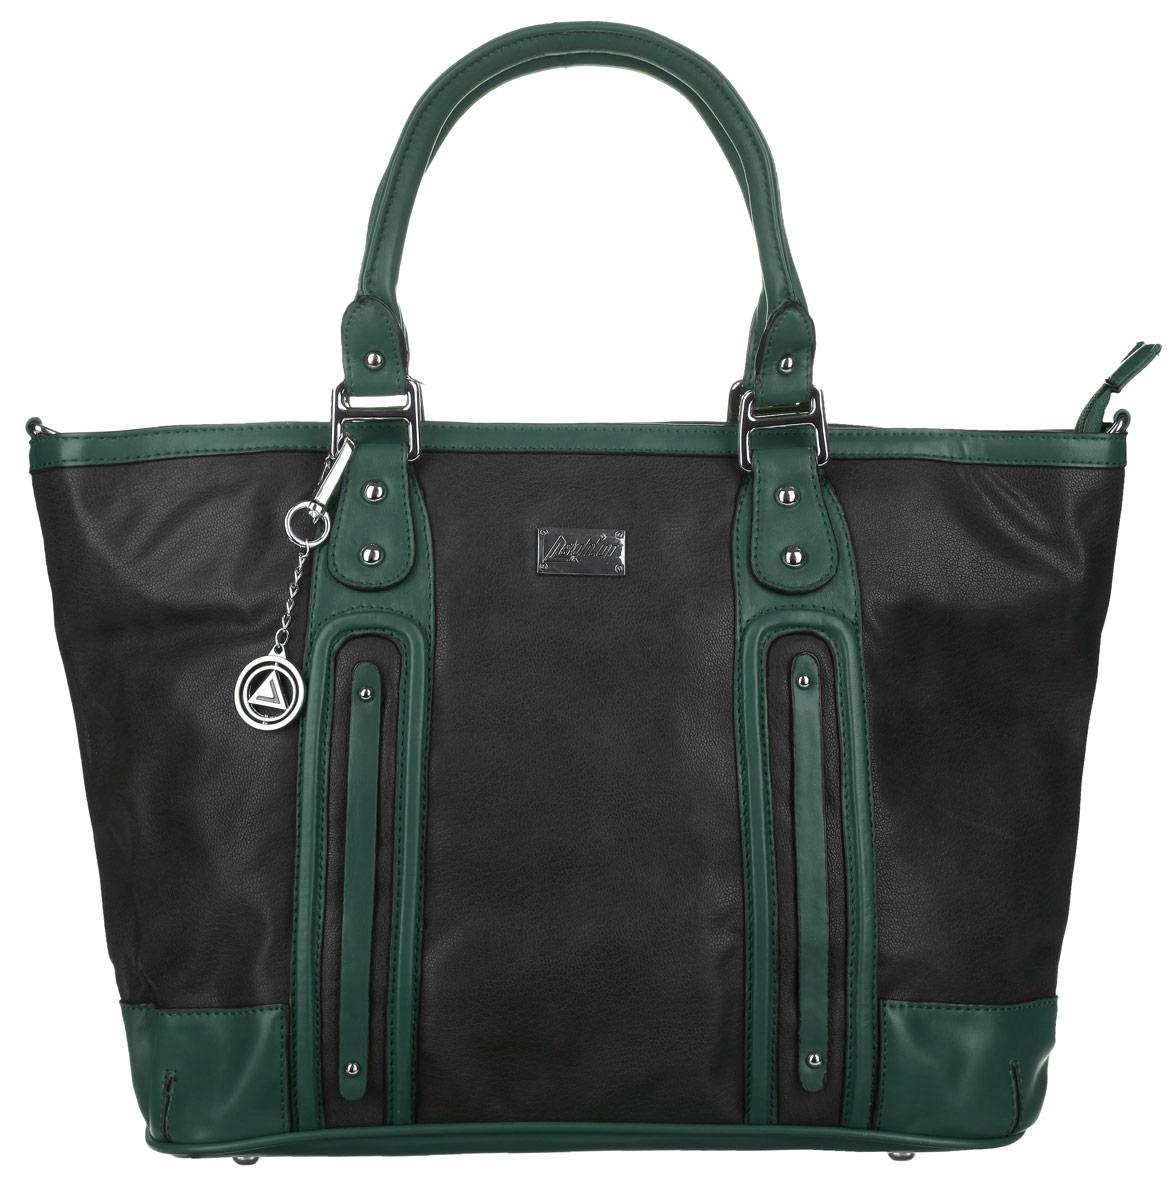 Сумка женская Leighton, цвет: черный, зеленый. 4978-339/01/275/38S76245Стильная женская сумка Leighton изготовлена из высококачественной искусственной кожи. Сумка состоит из одного отделения, разделенного пополам карманом-средником на застежке-молнии. Внутри располагается два накладных открытых кармана и прорезной карман на застежке-молнии. Снаружи на задней стенке находится прорезной карман на застежке-молнии. Сумка оснащена двумя удобными ручками. В комплект входит съемный плечевой ремень, регулирующийся по длине и металлический брелок с логотипом производителя. Основание сумки защищено металлическими ножками, обеспечивающими необходимую устойчивость. Сумка упакована в фирменный чехол. Сумка Leighton - это практичный и модный аксессуар, который станет функциональным дополнением к любому стилю.